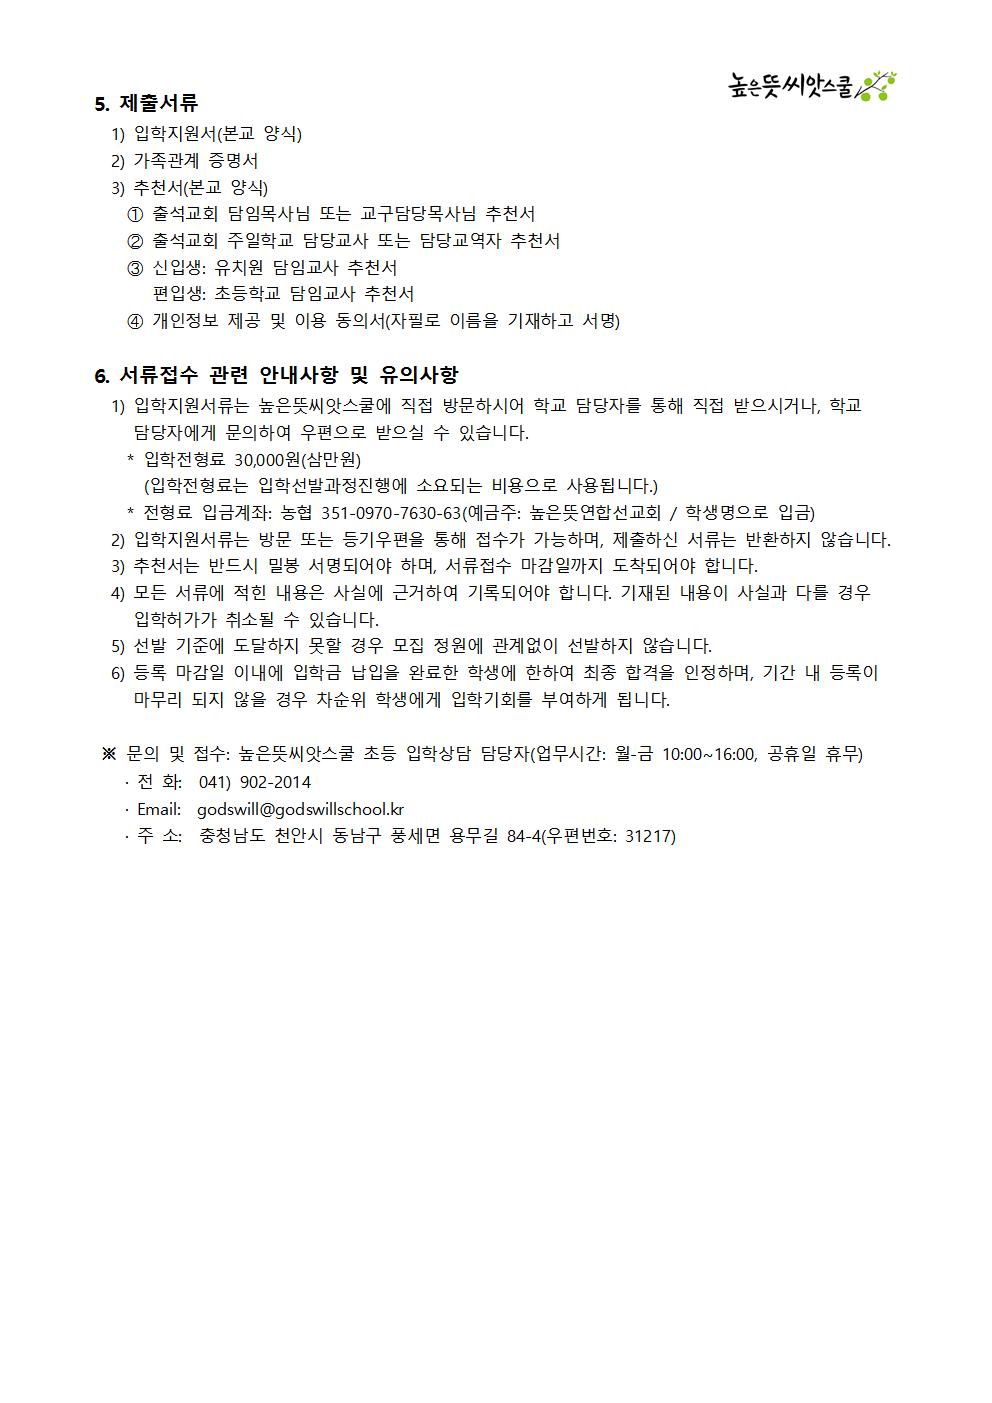 2019학년도 높은뜻씨앗스쿨 초등과정 신편입생 추가 모집 안내(190101)002.png